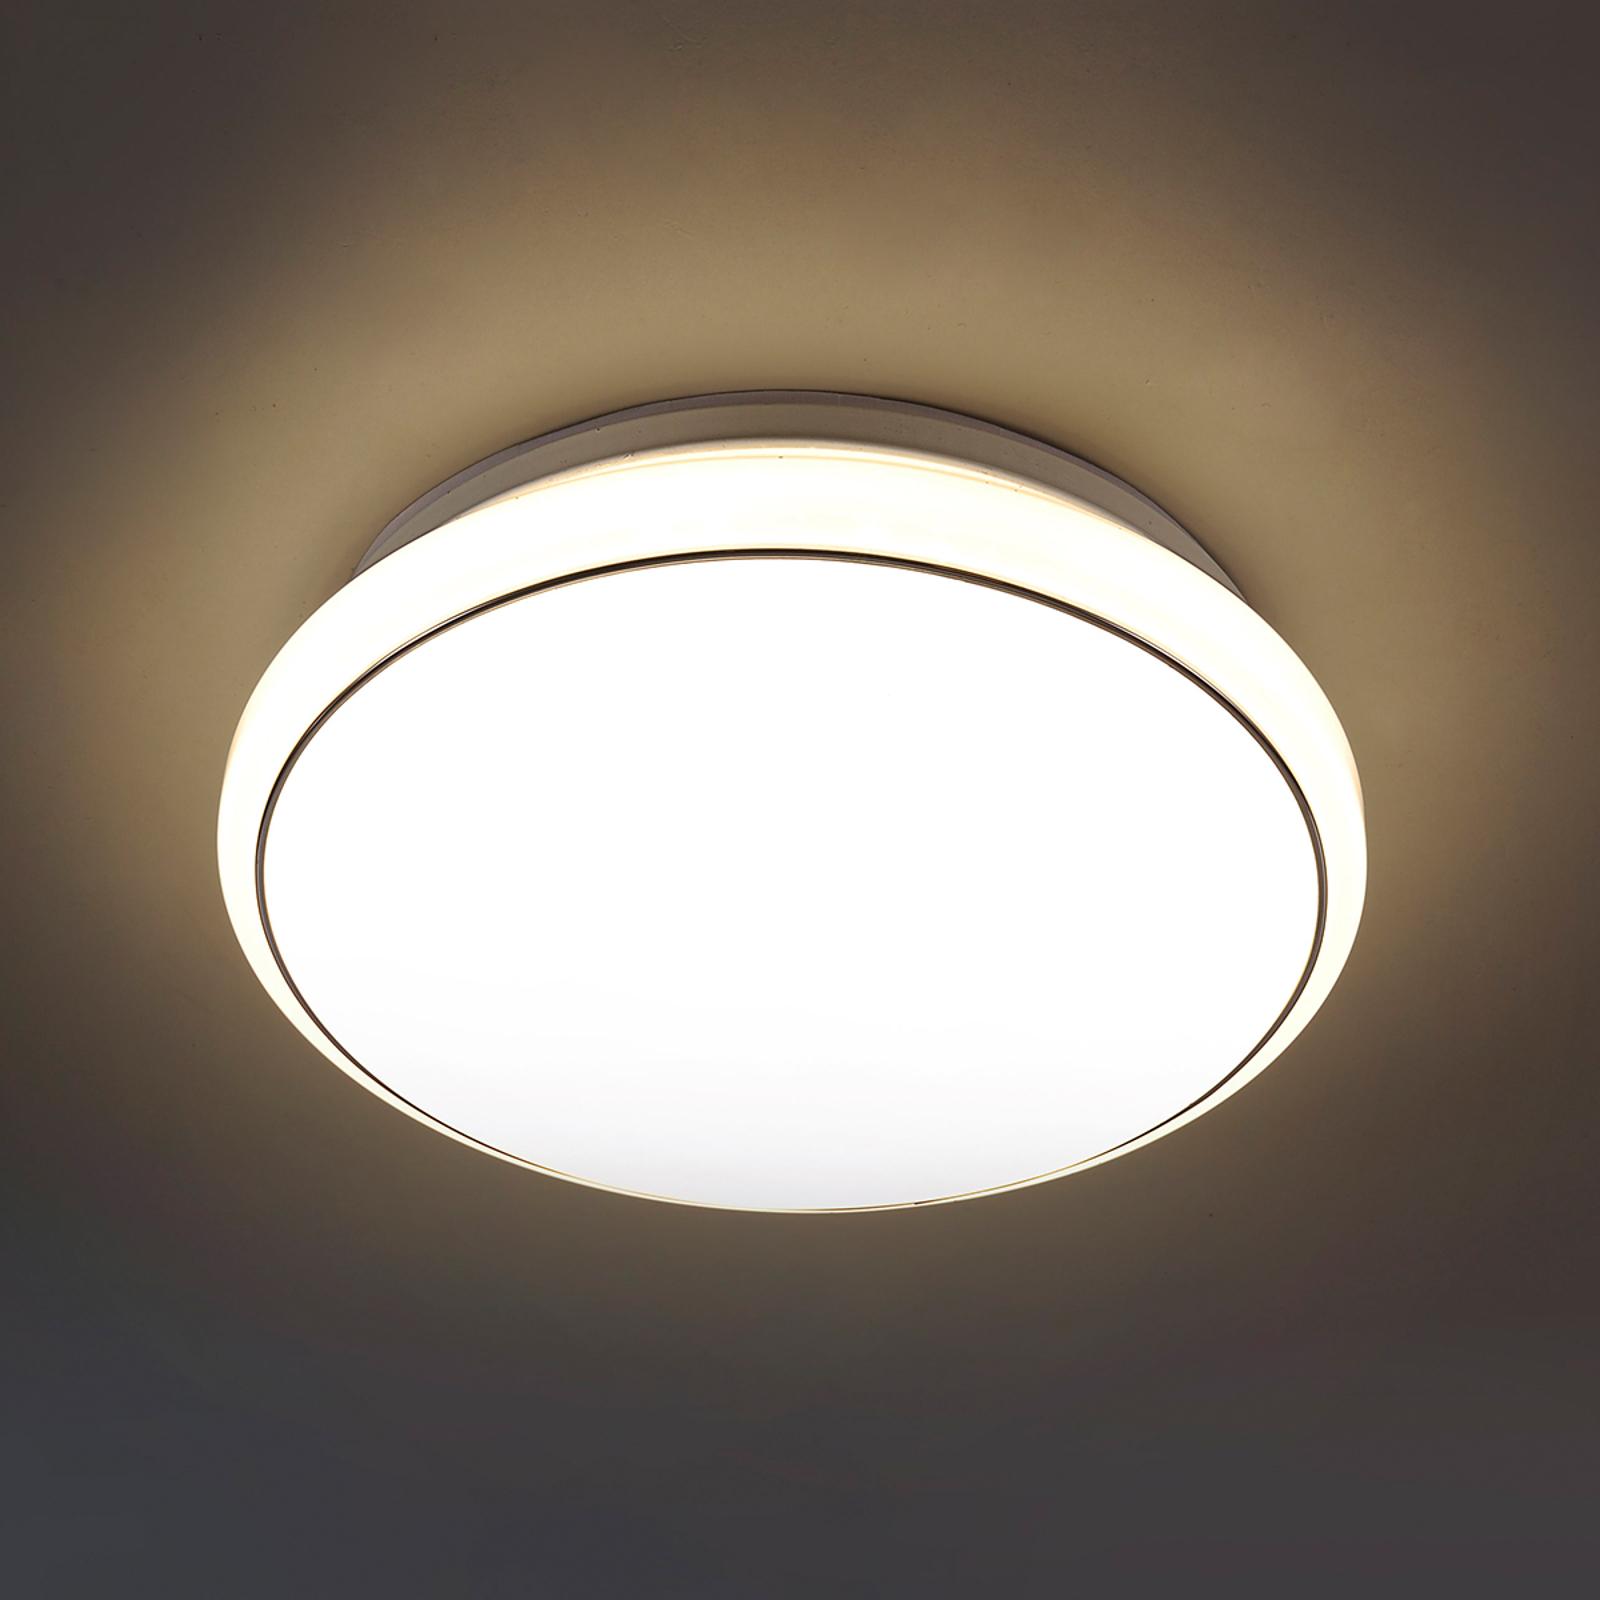 Jupiter LED-Deckenleuchte Sternenhimmeloptik 35 cm